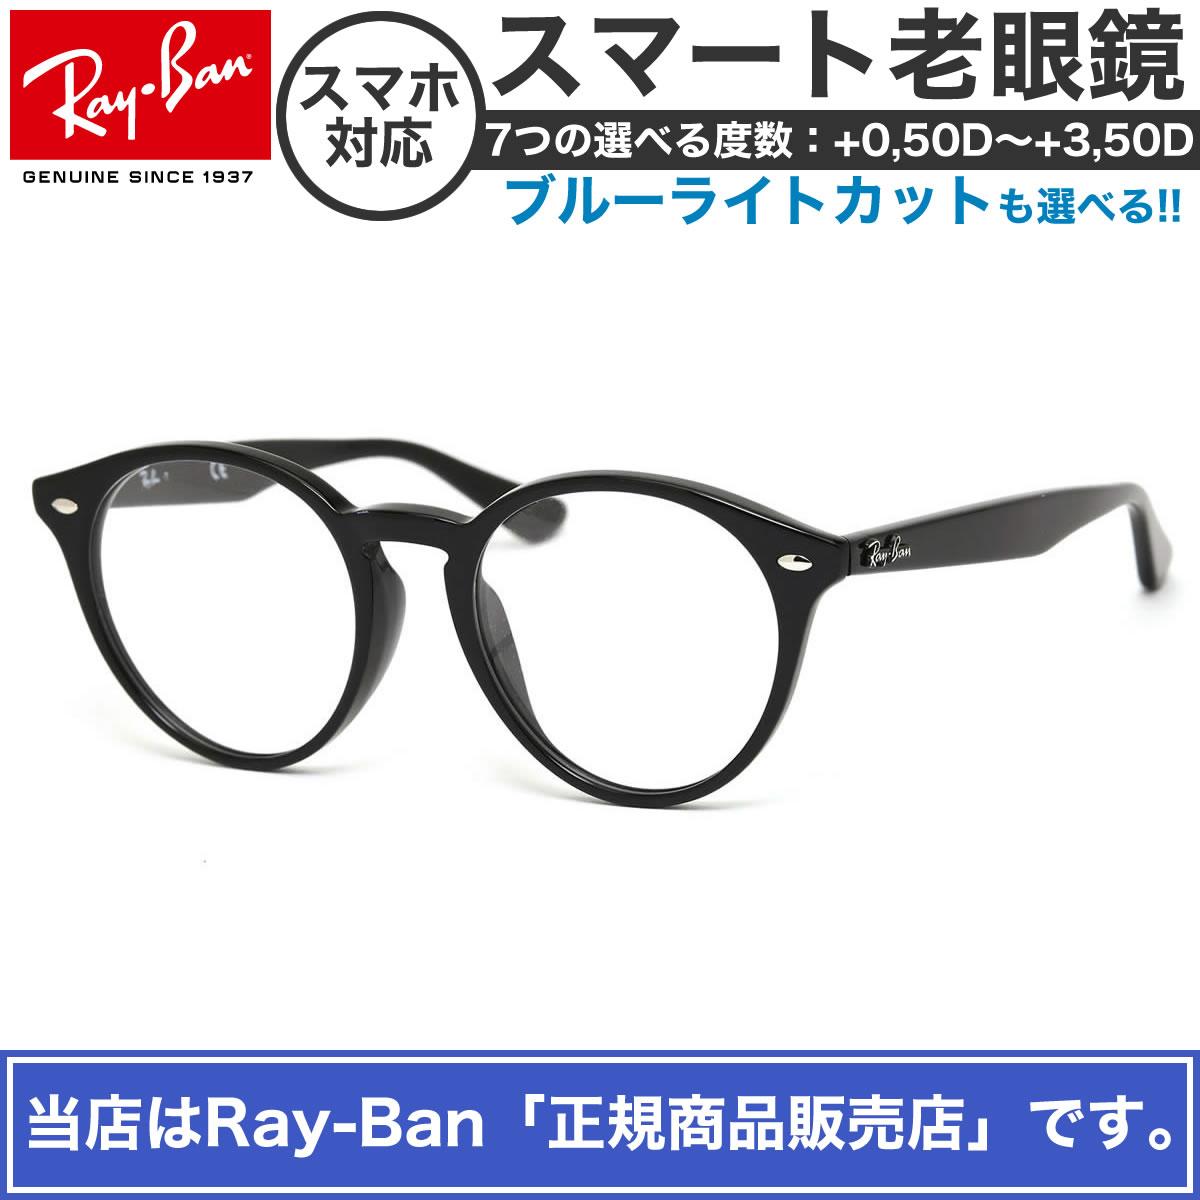 レイバン スマート老眼鏡 Ray-Ban RX2180VF 2000 51サイズ 国内正規品 レディースモデル ラウンド 丸メガネ 非球面 UVカット紫外線カット ブルーライトカット RAYBAN リーディンググラス シニアグラス 老眼鏡 プレゼント 敬老の日 父の日 母の日[OS]